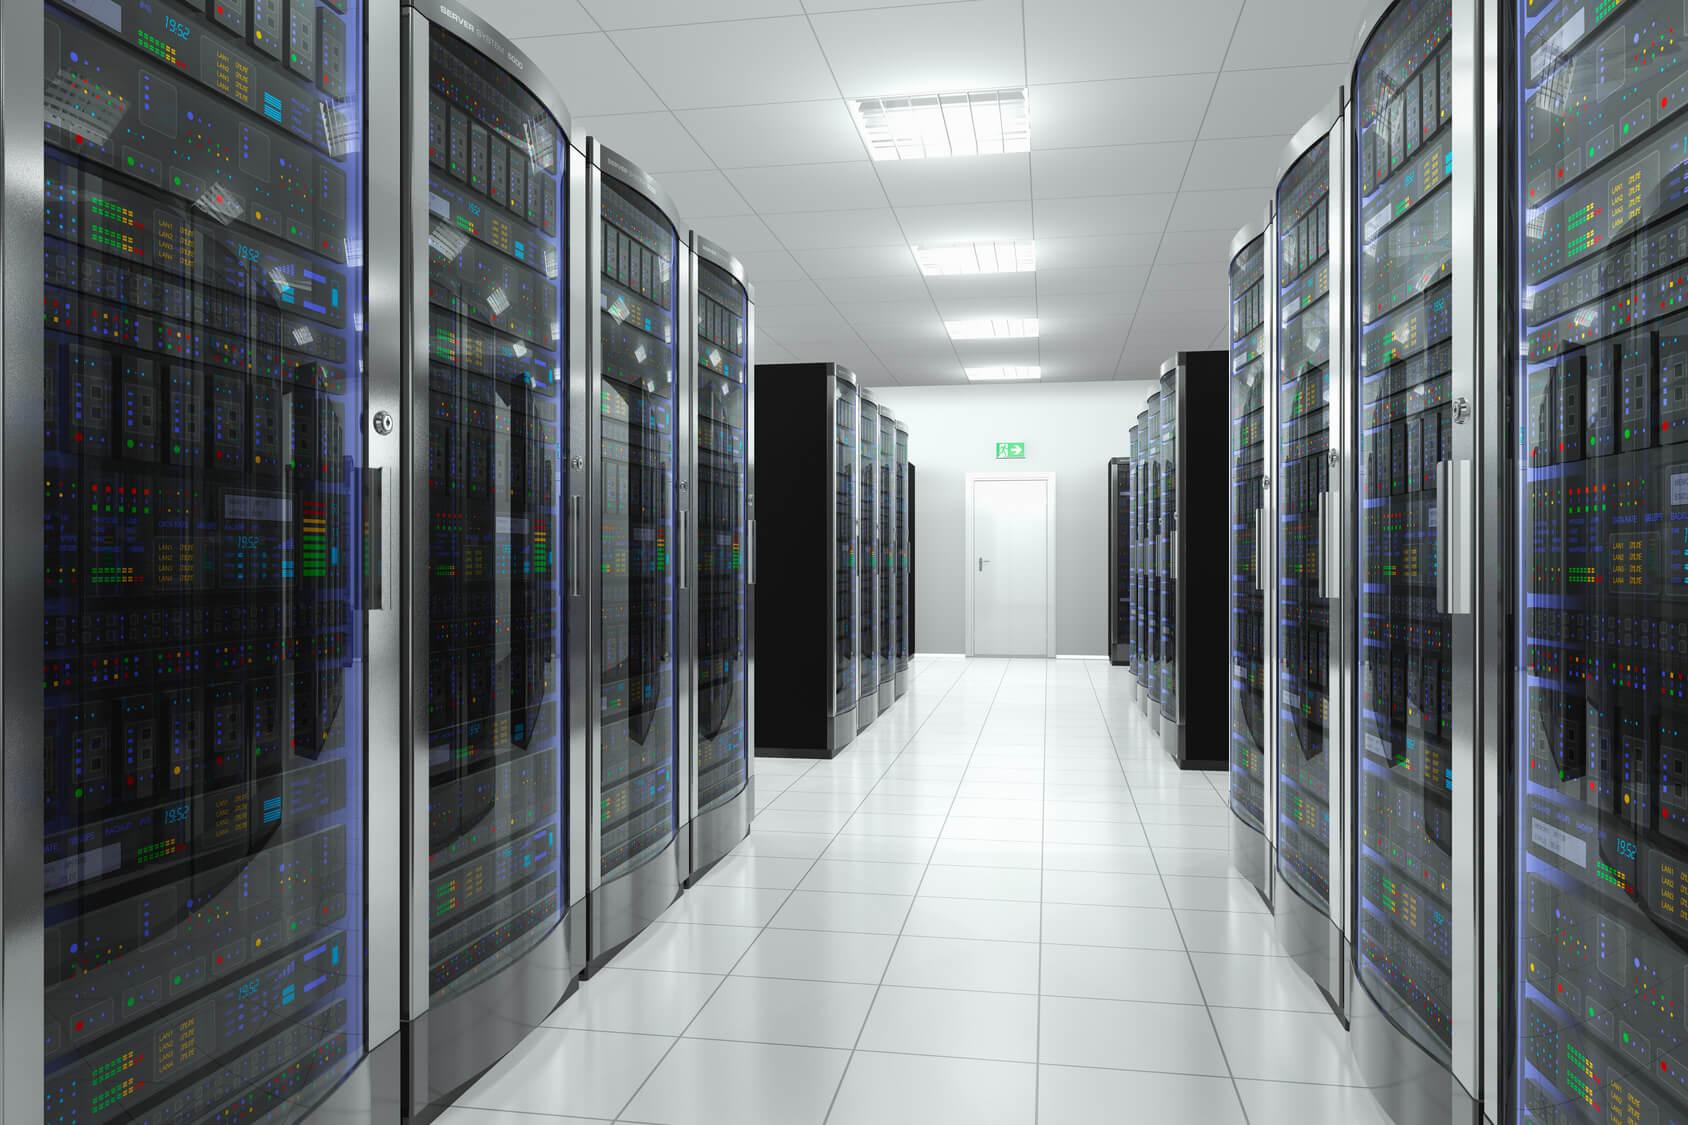 Racks in einem Serverraum